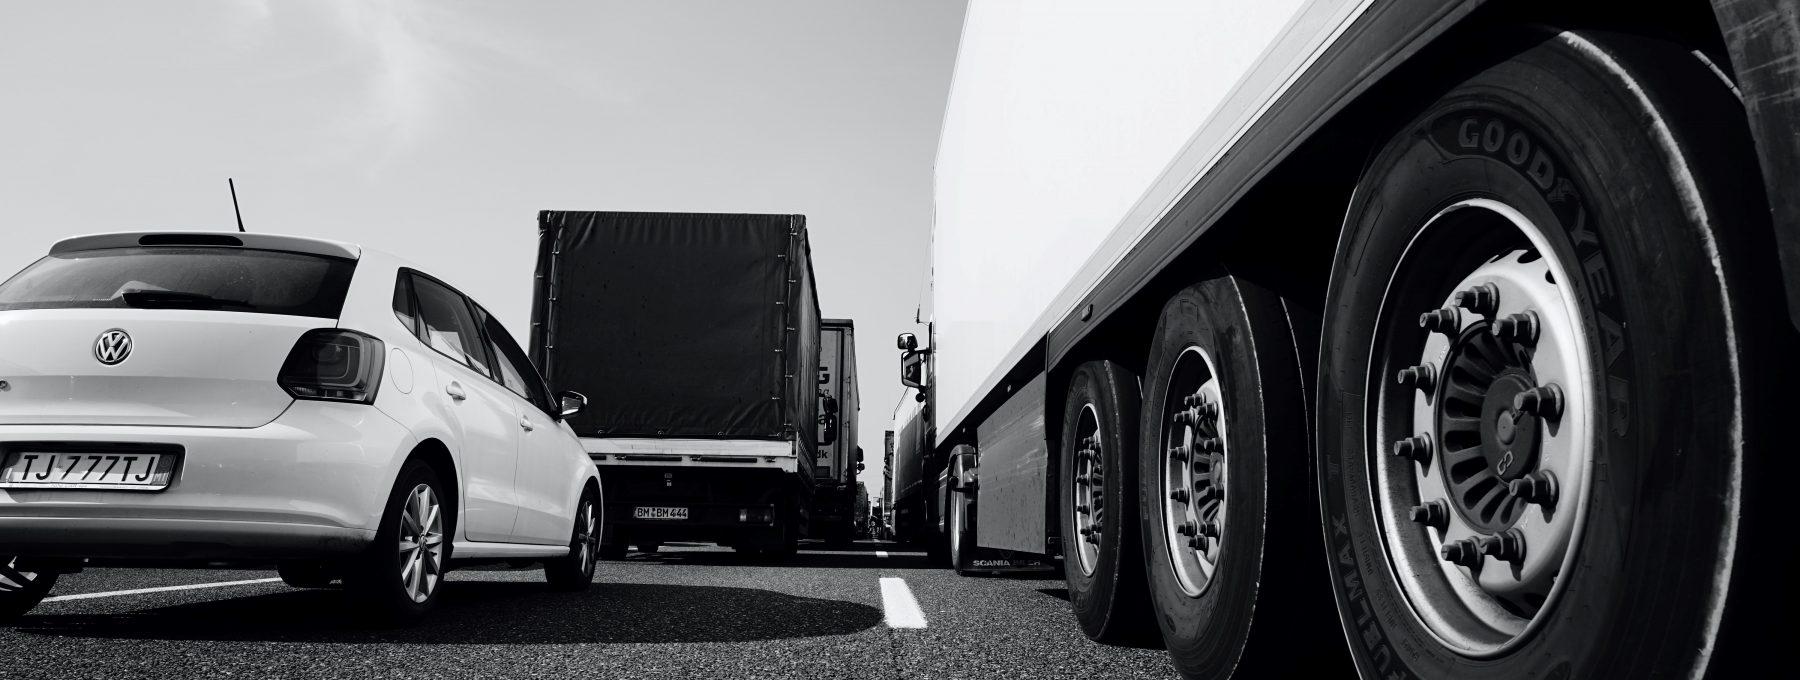 Diesel Emissions – EPA